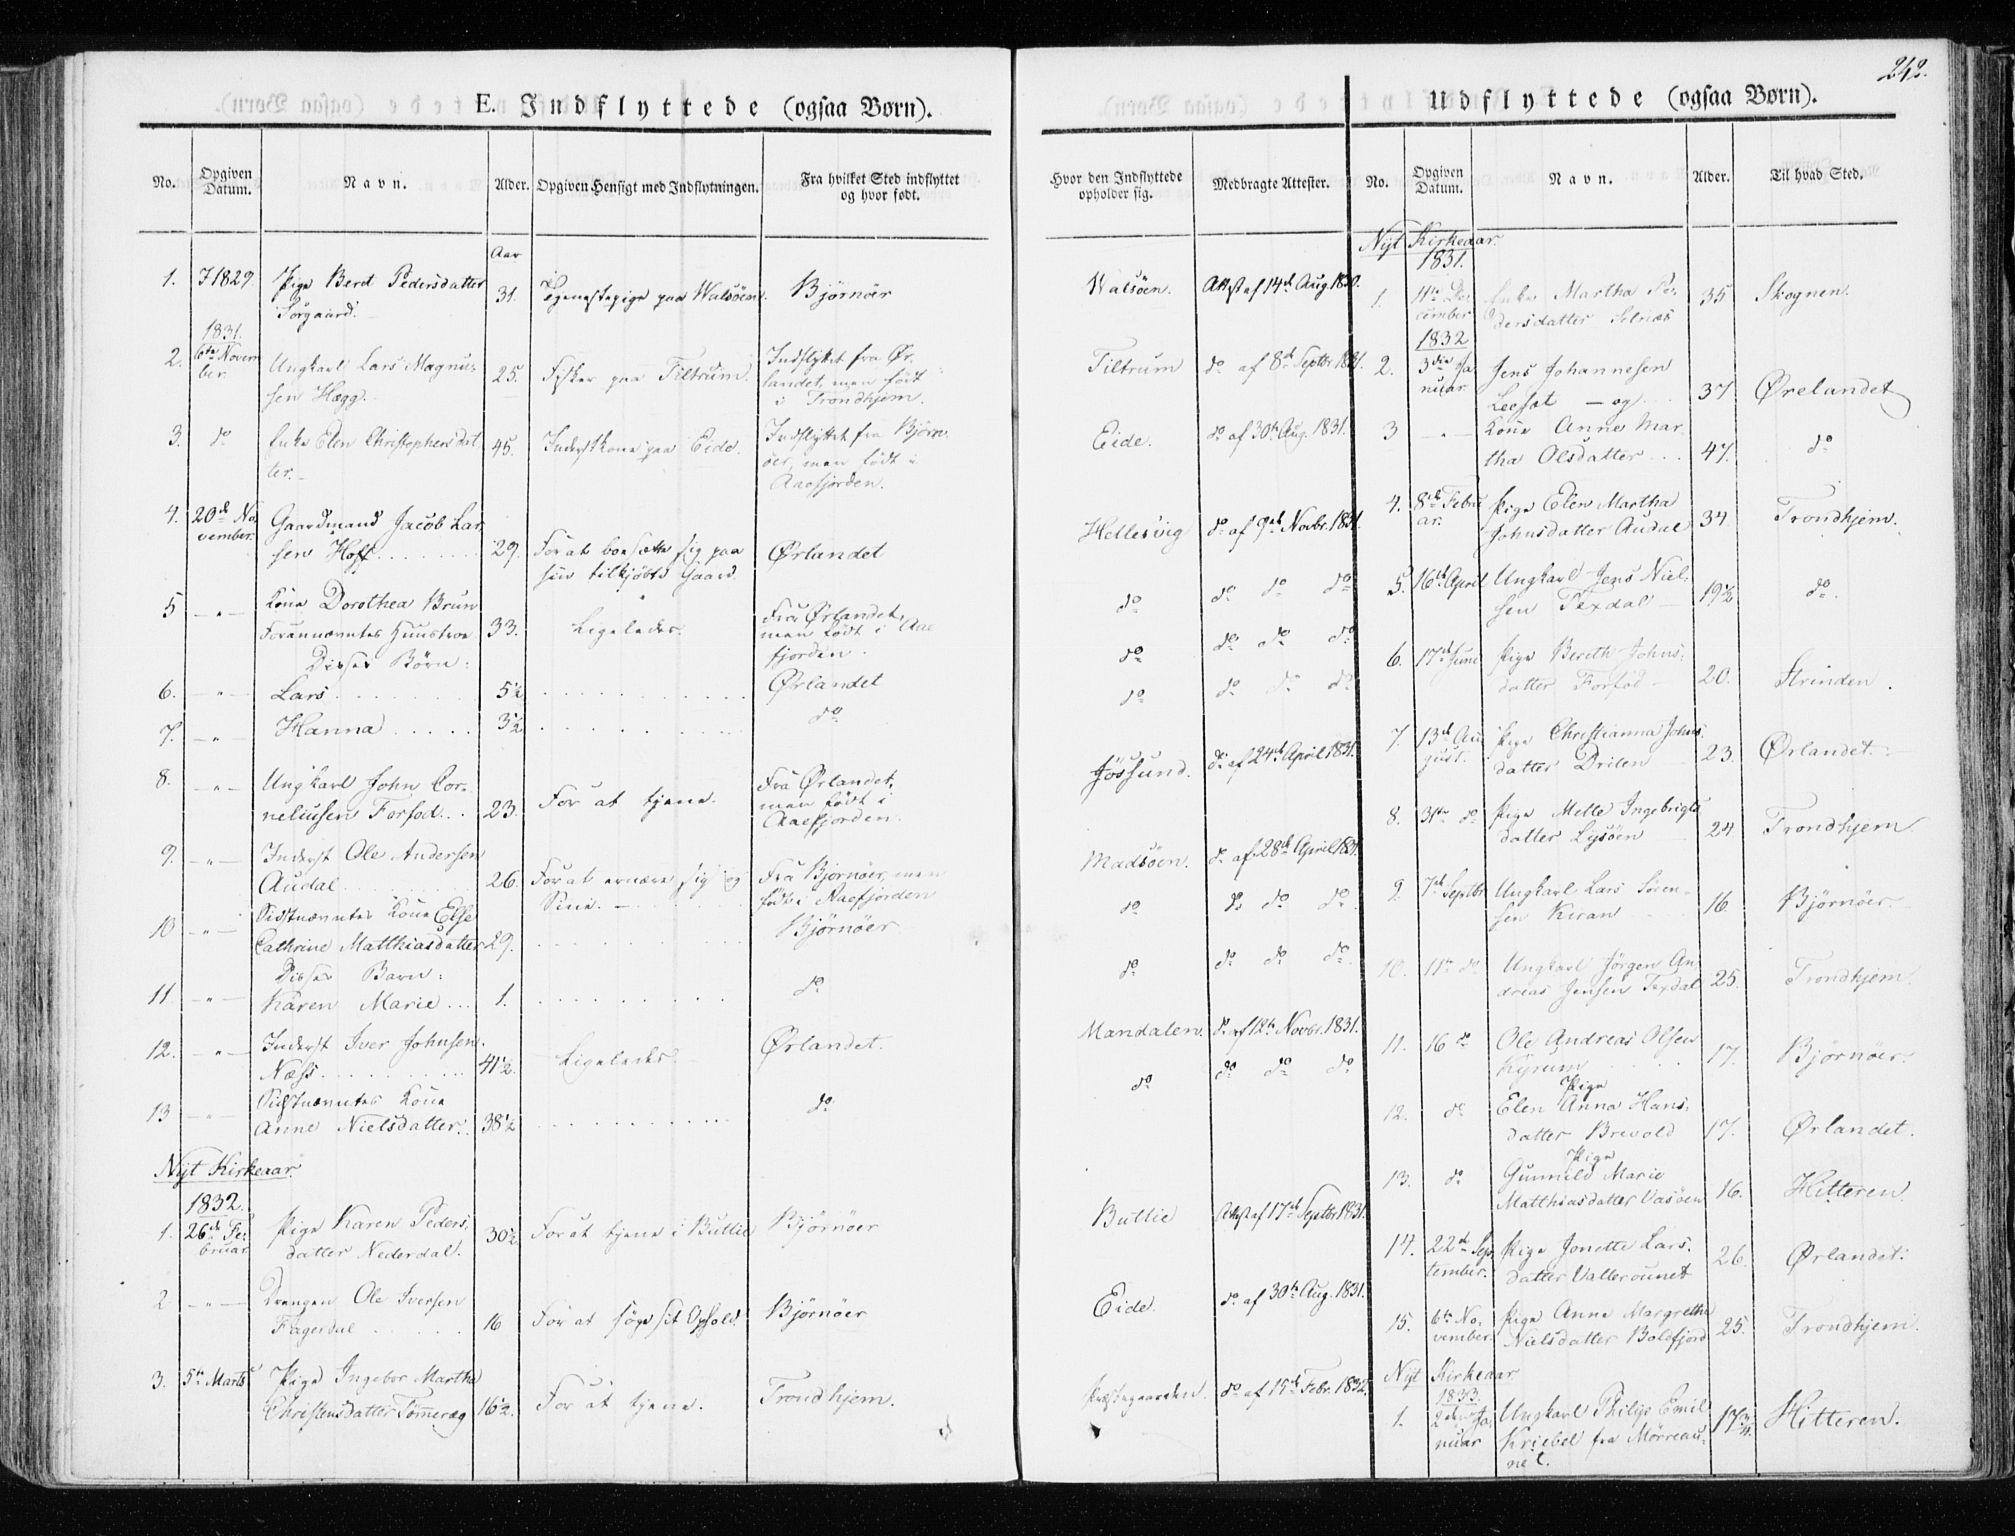 SAT, Ministerialprotokoller, klokkerbøker og fødselsregistre - Sør-Trøndelag, 655/L0676: Ministerialbok nr. 655A05, 1830-1847, s. 242